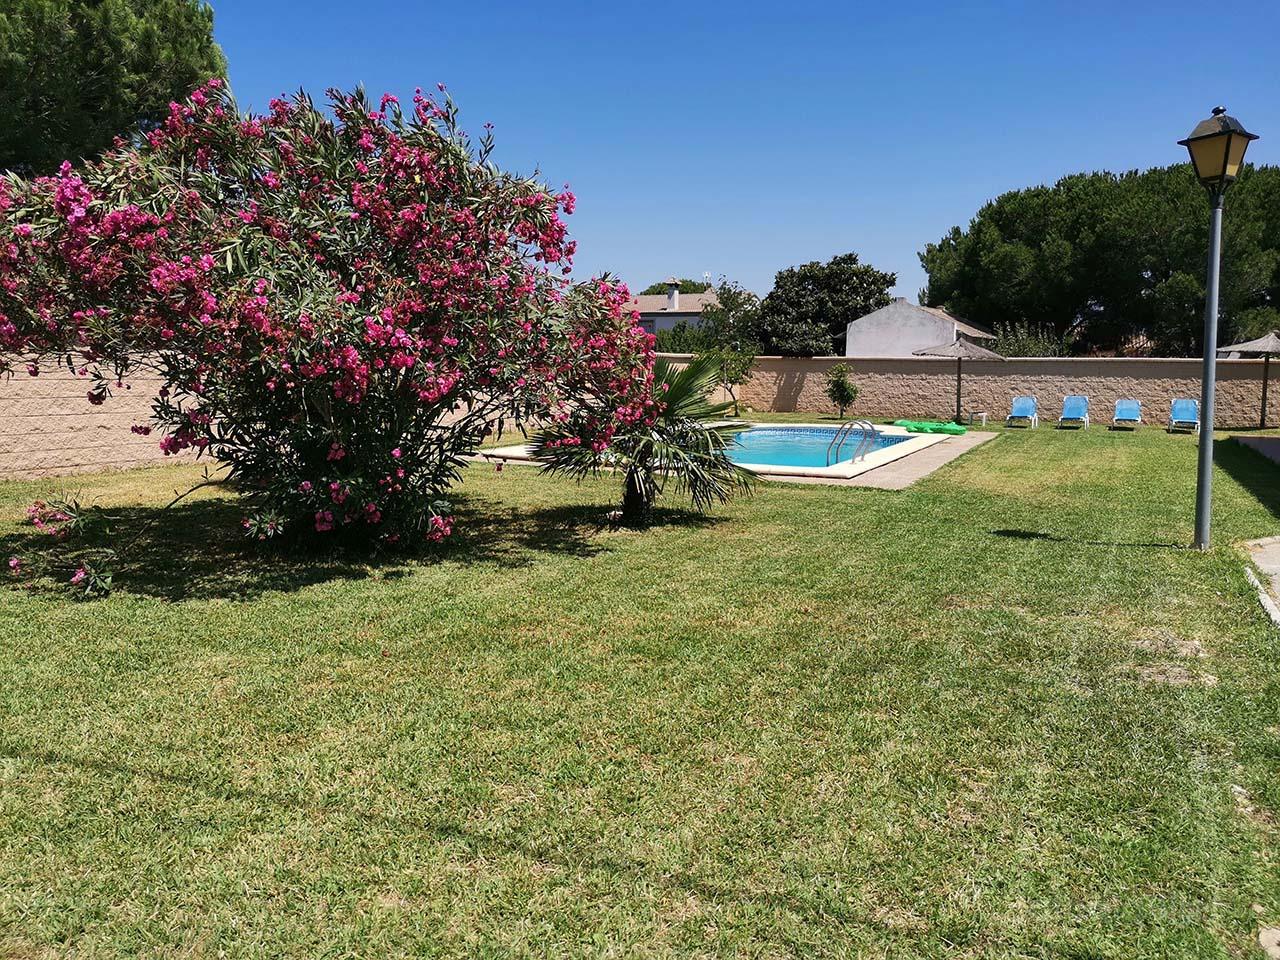 Alquiler de chalet con piscina privada en Chiclana de la Frontera